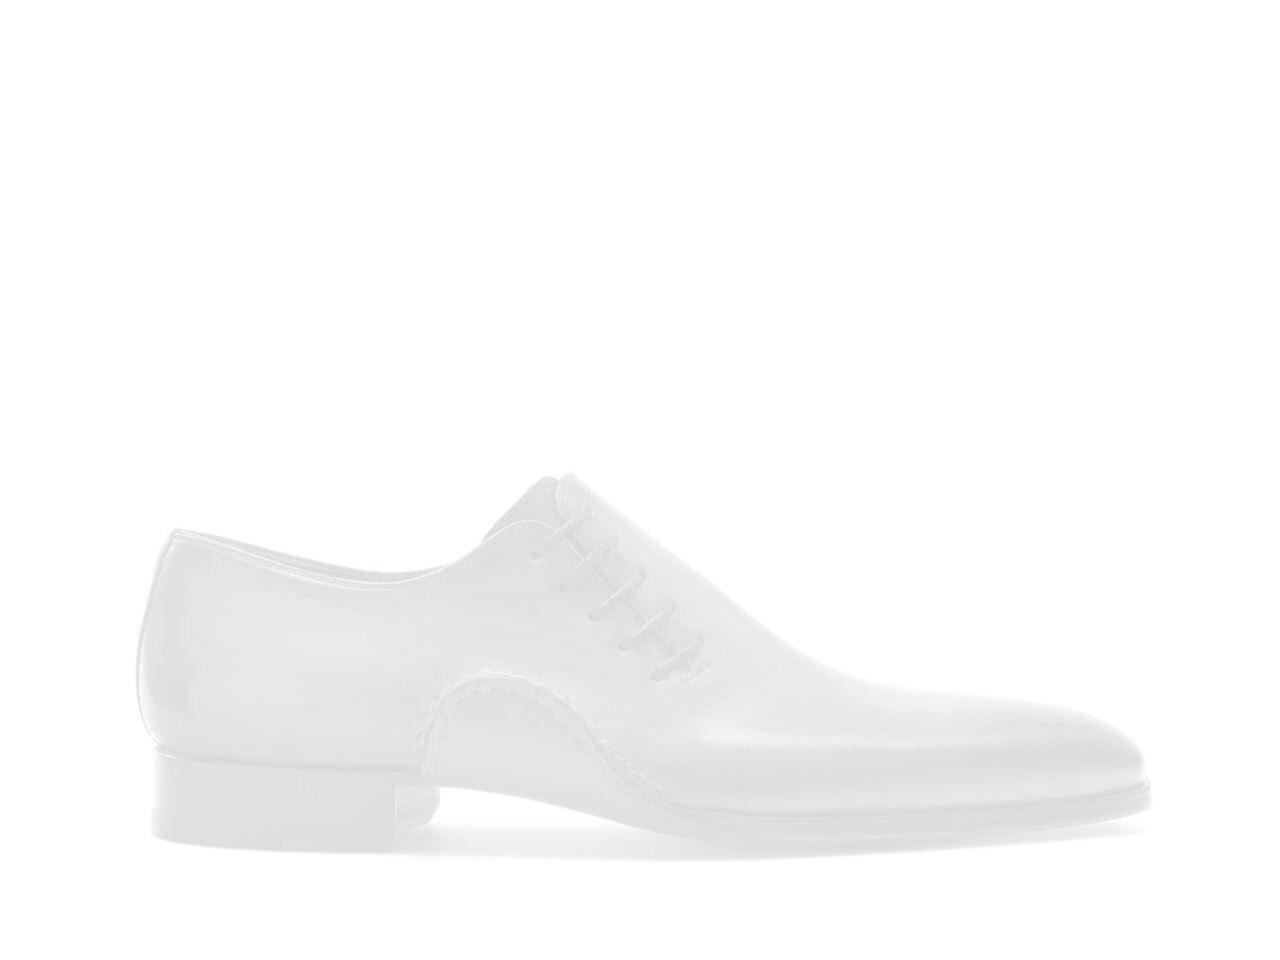 Luis Brown | Men's Oxford Shoes | Magnanni